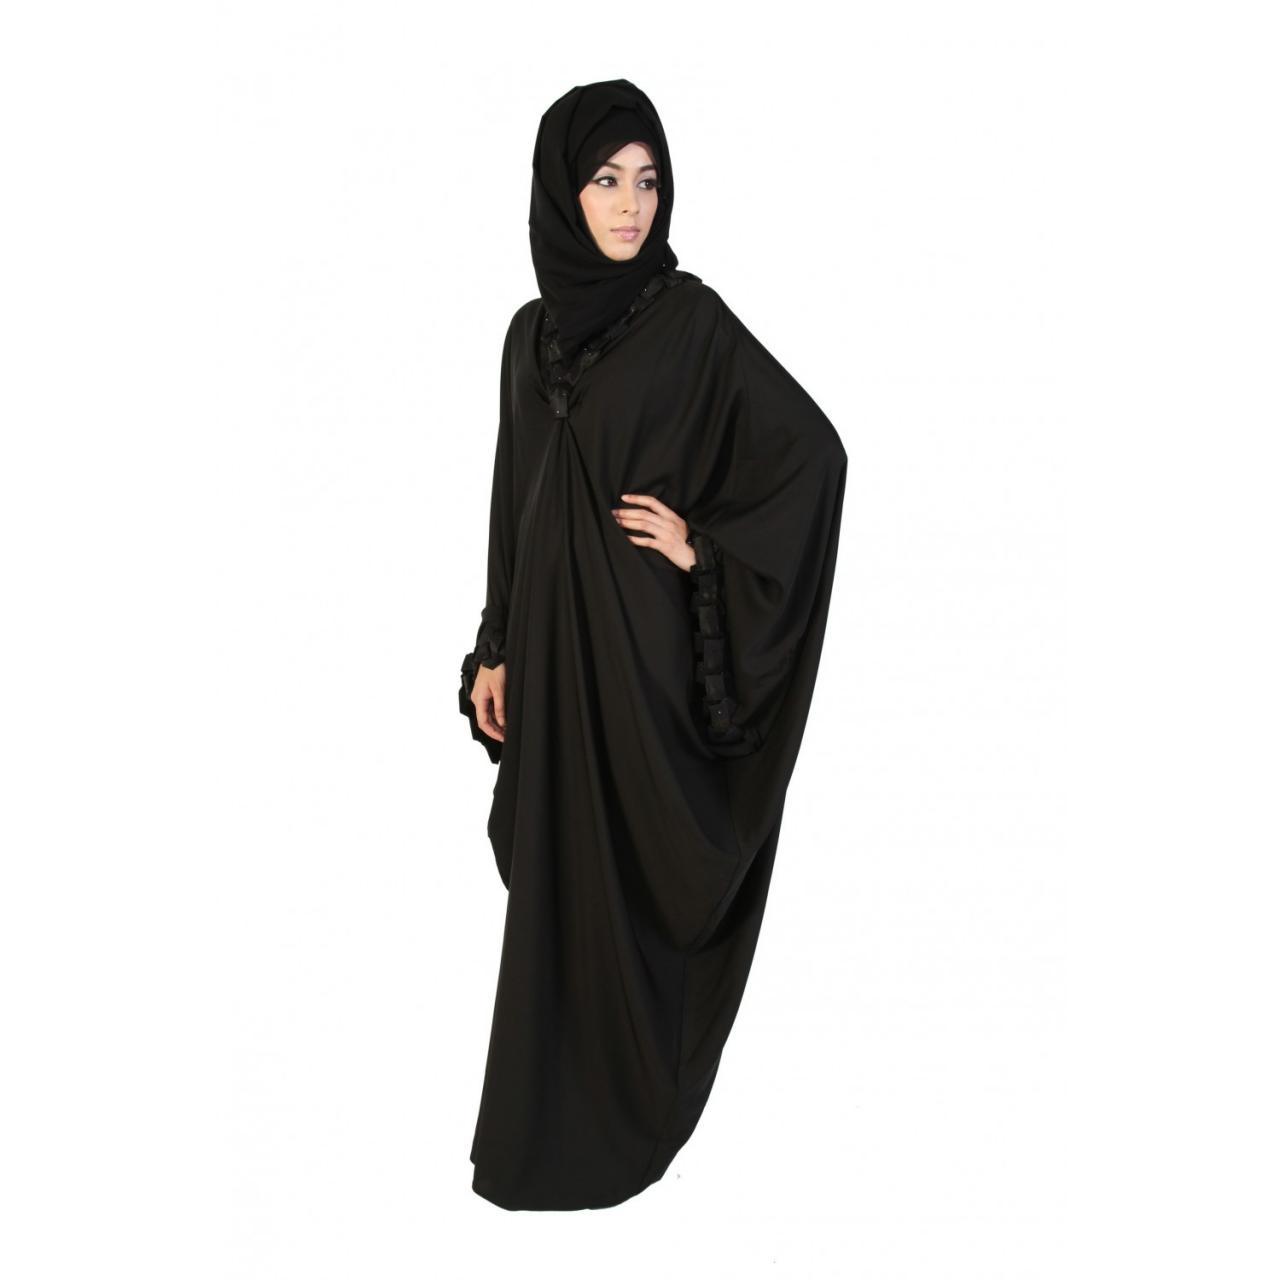 http://arabic.abayasbyakhawat.com/media/catalog/product/cache/2/thumbnail/1500x/9df78eab33525d08d6e5fb8d27136e95/s/a/satin_fold_pleated_butterfly_abaya_4_.jpg